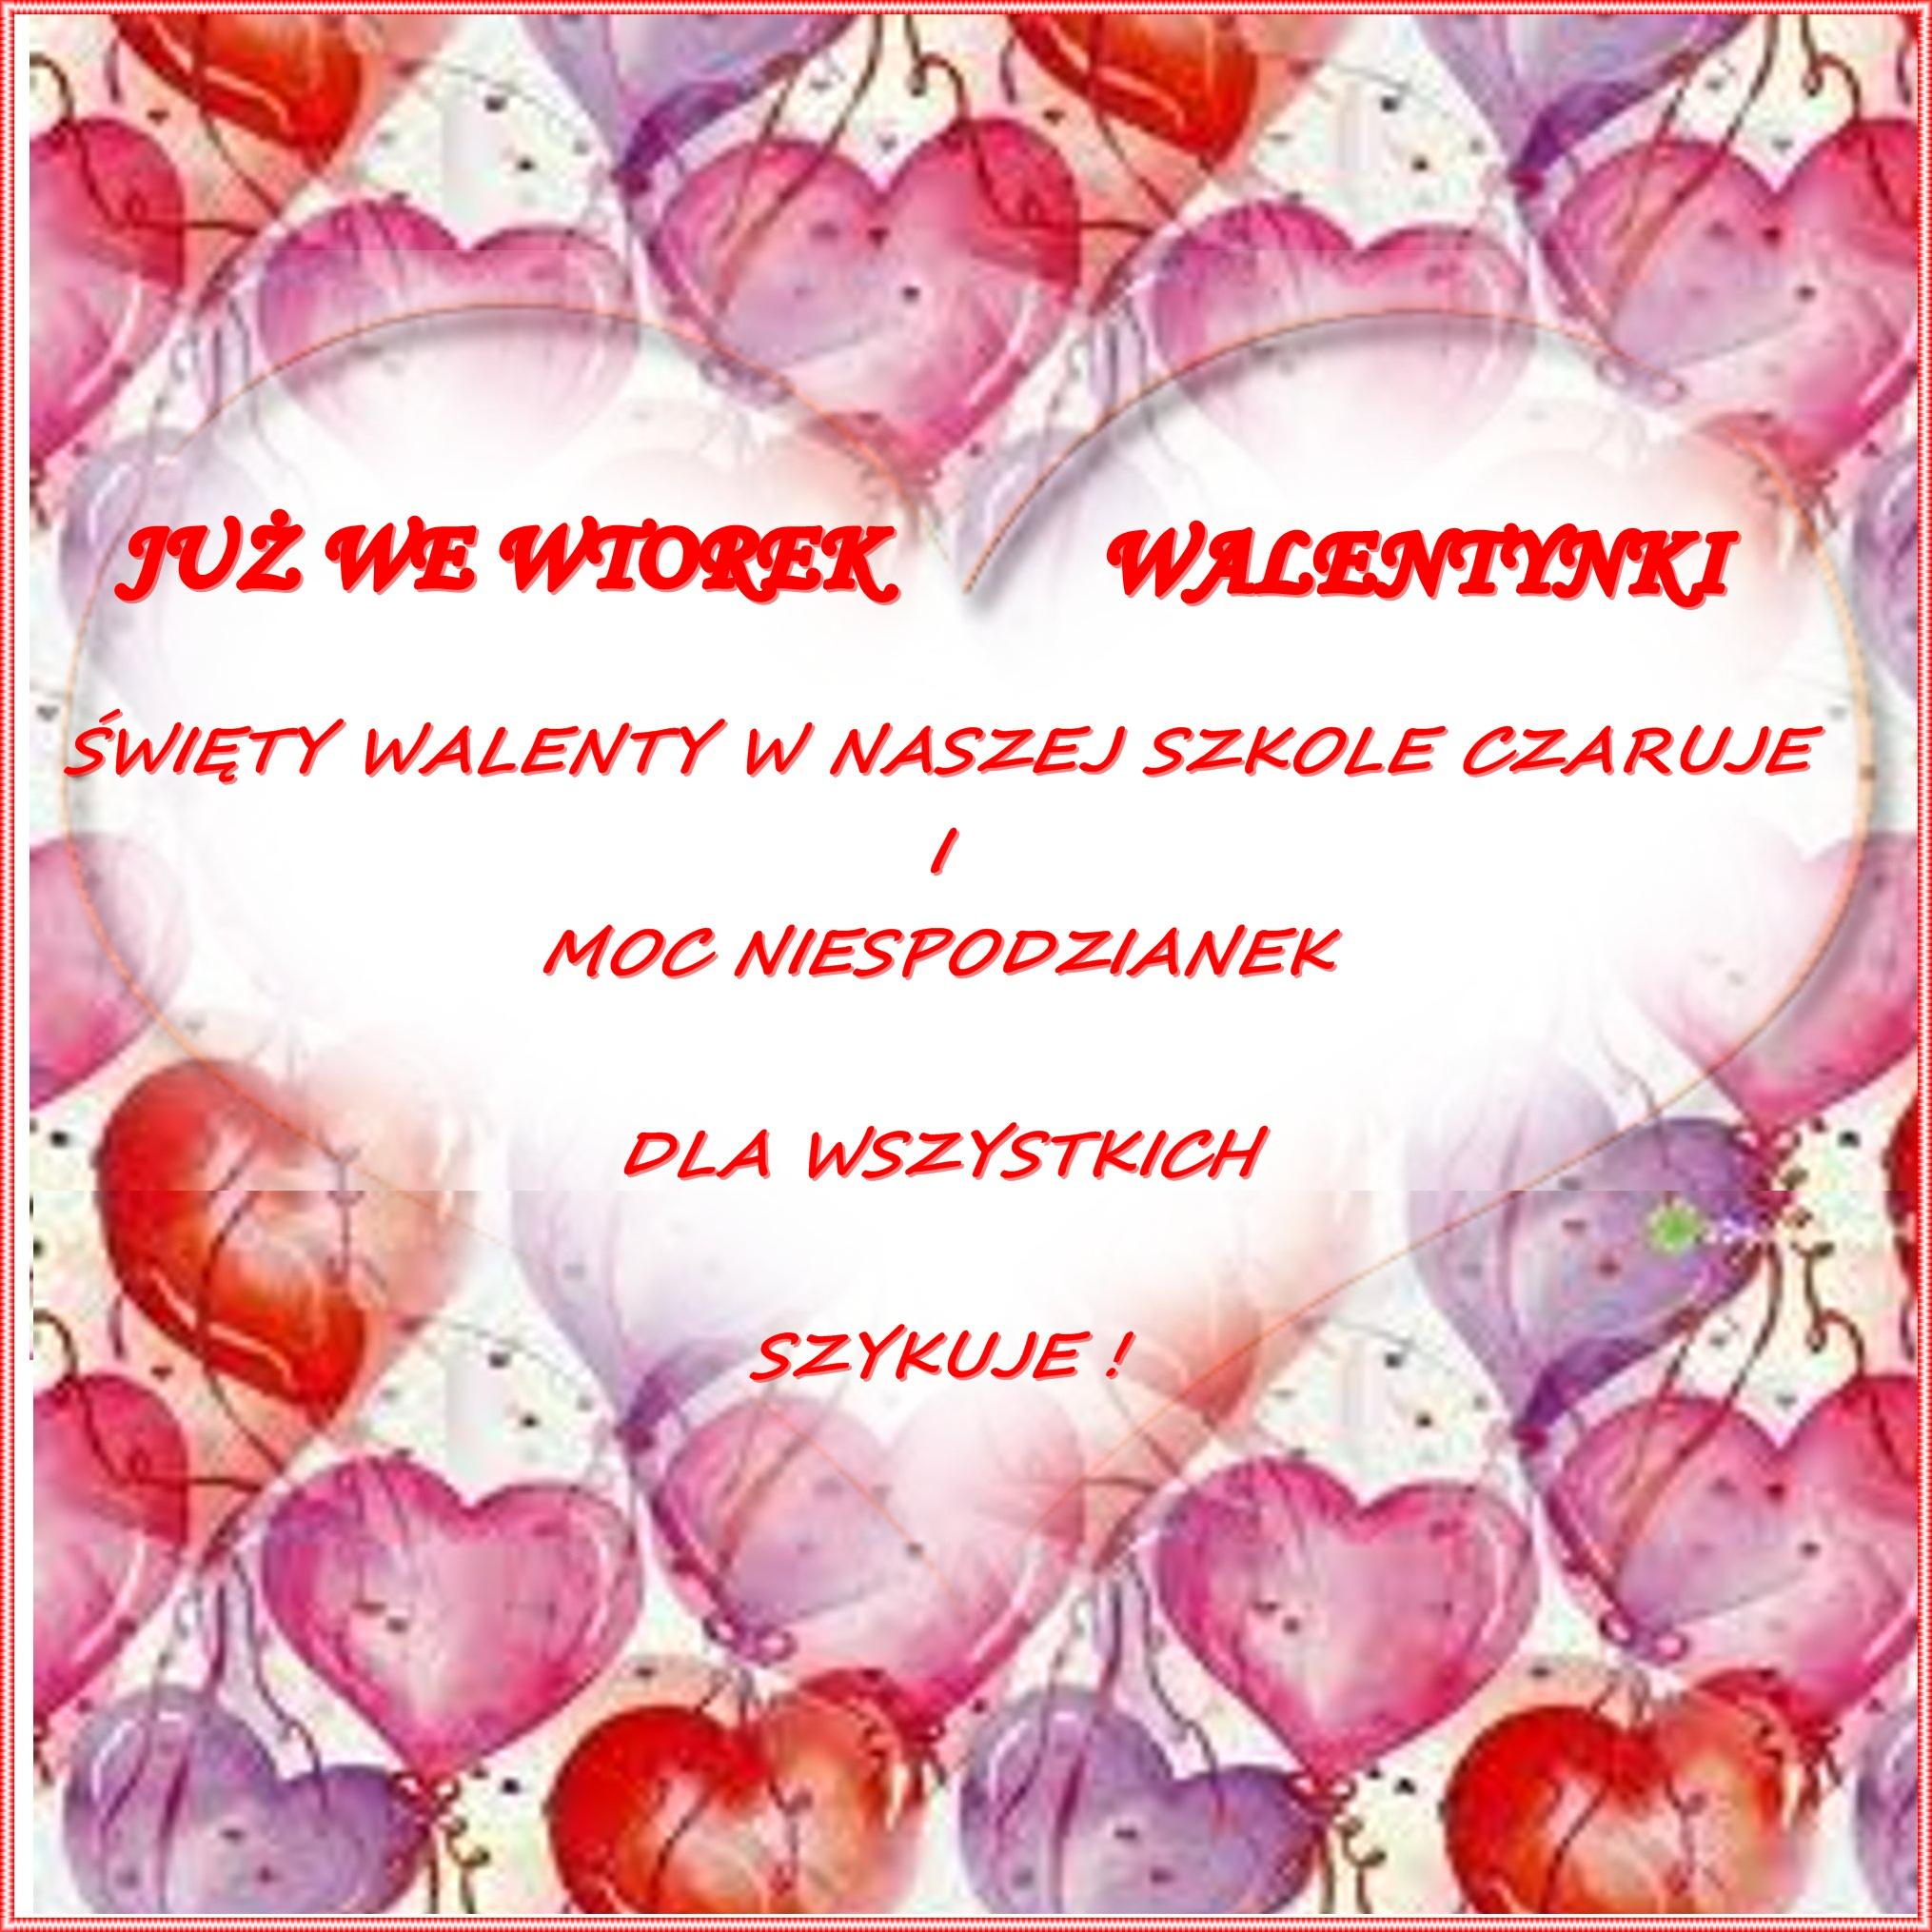 Walentynki Zespół Szkolno Przedszkolny W Piasku Strona 2